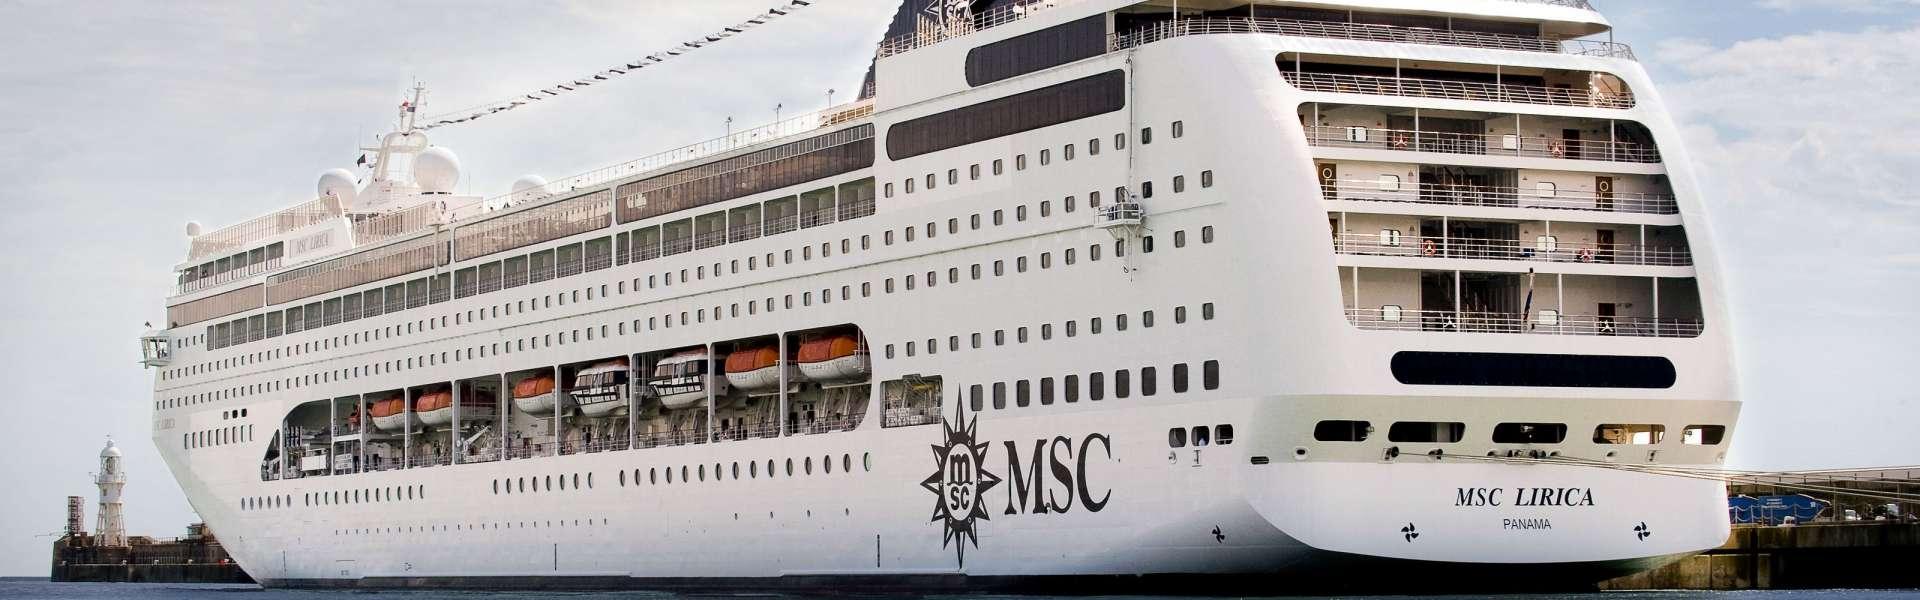 Croaziera 2019 - Mediterana de Est (Venetia) - MSC Cruises - MSC Lirica - 7 nopti